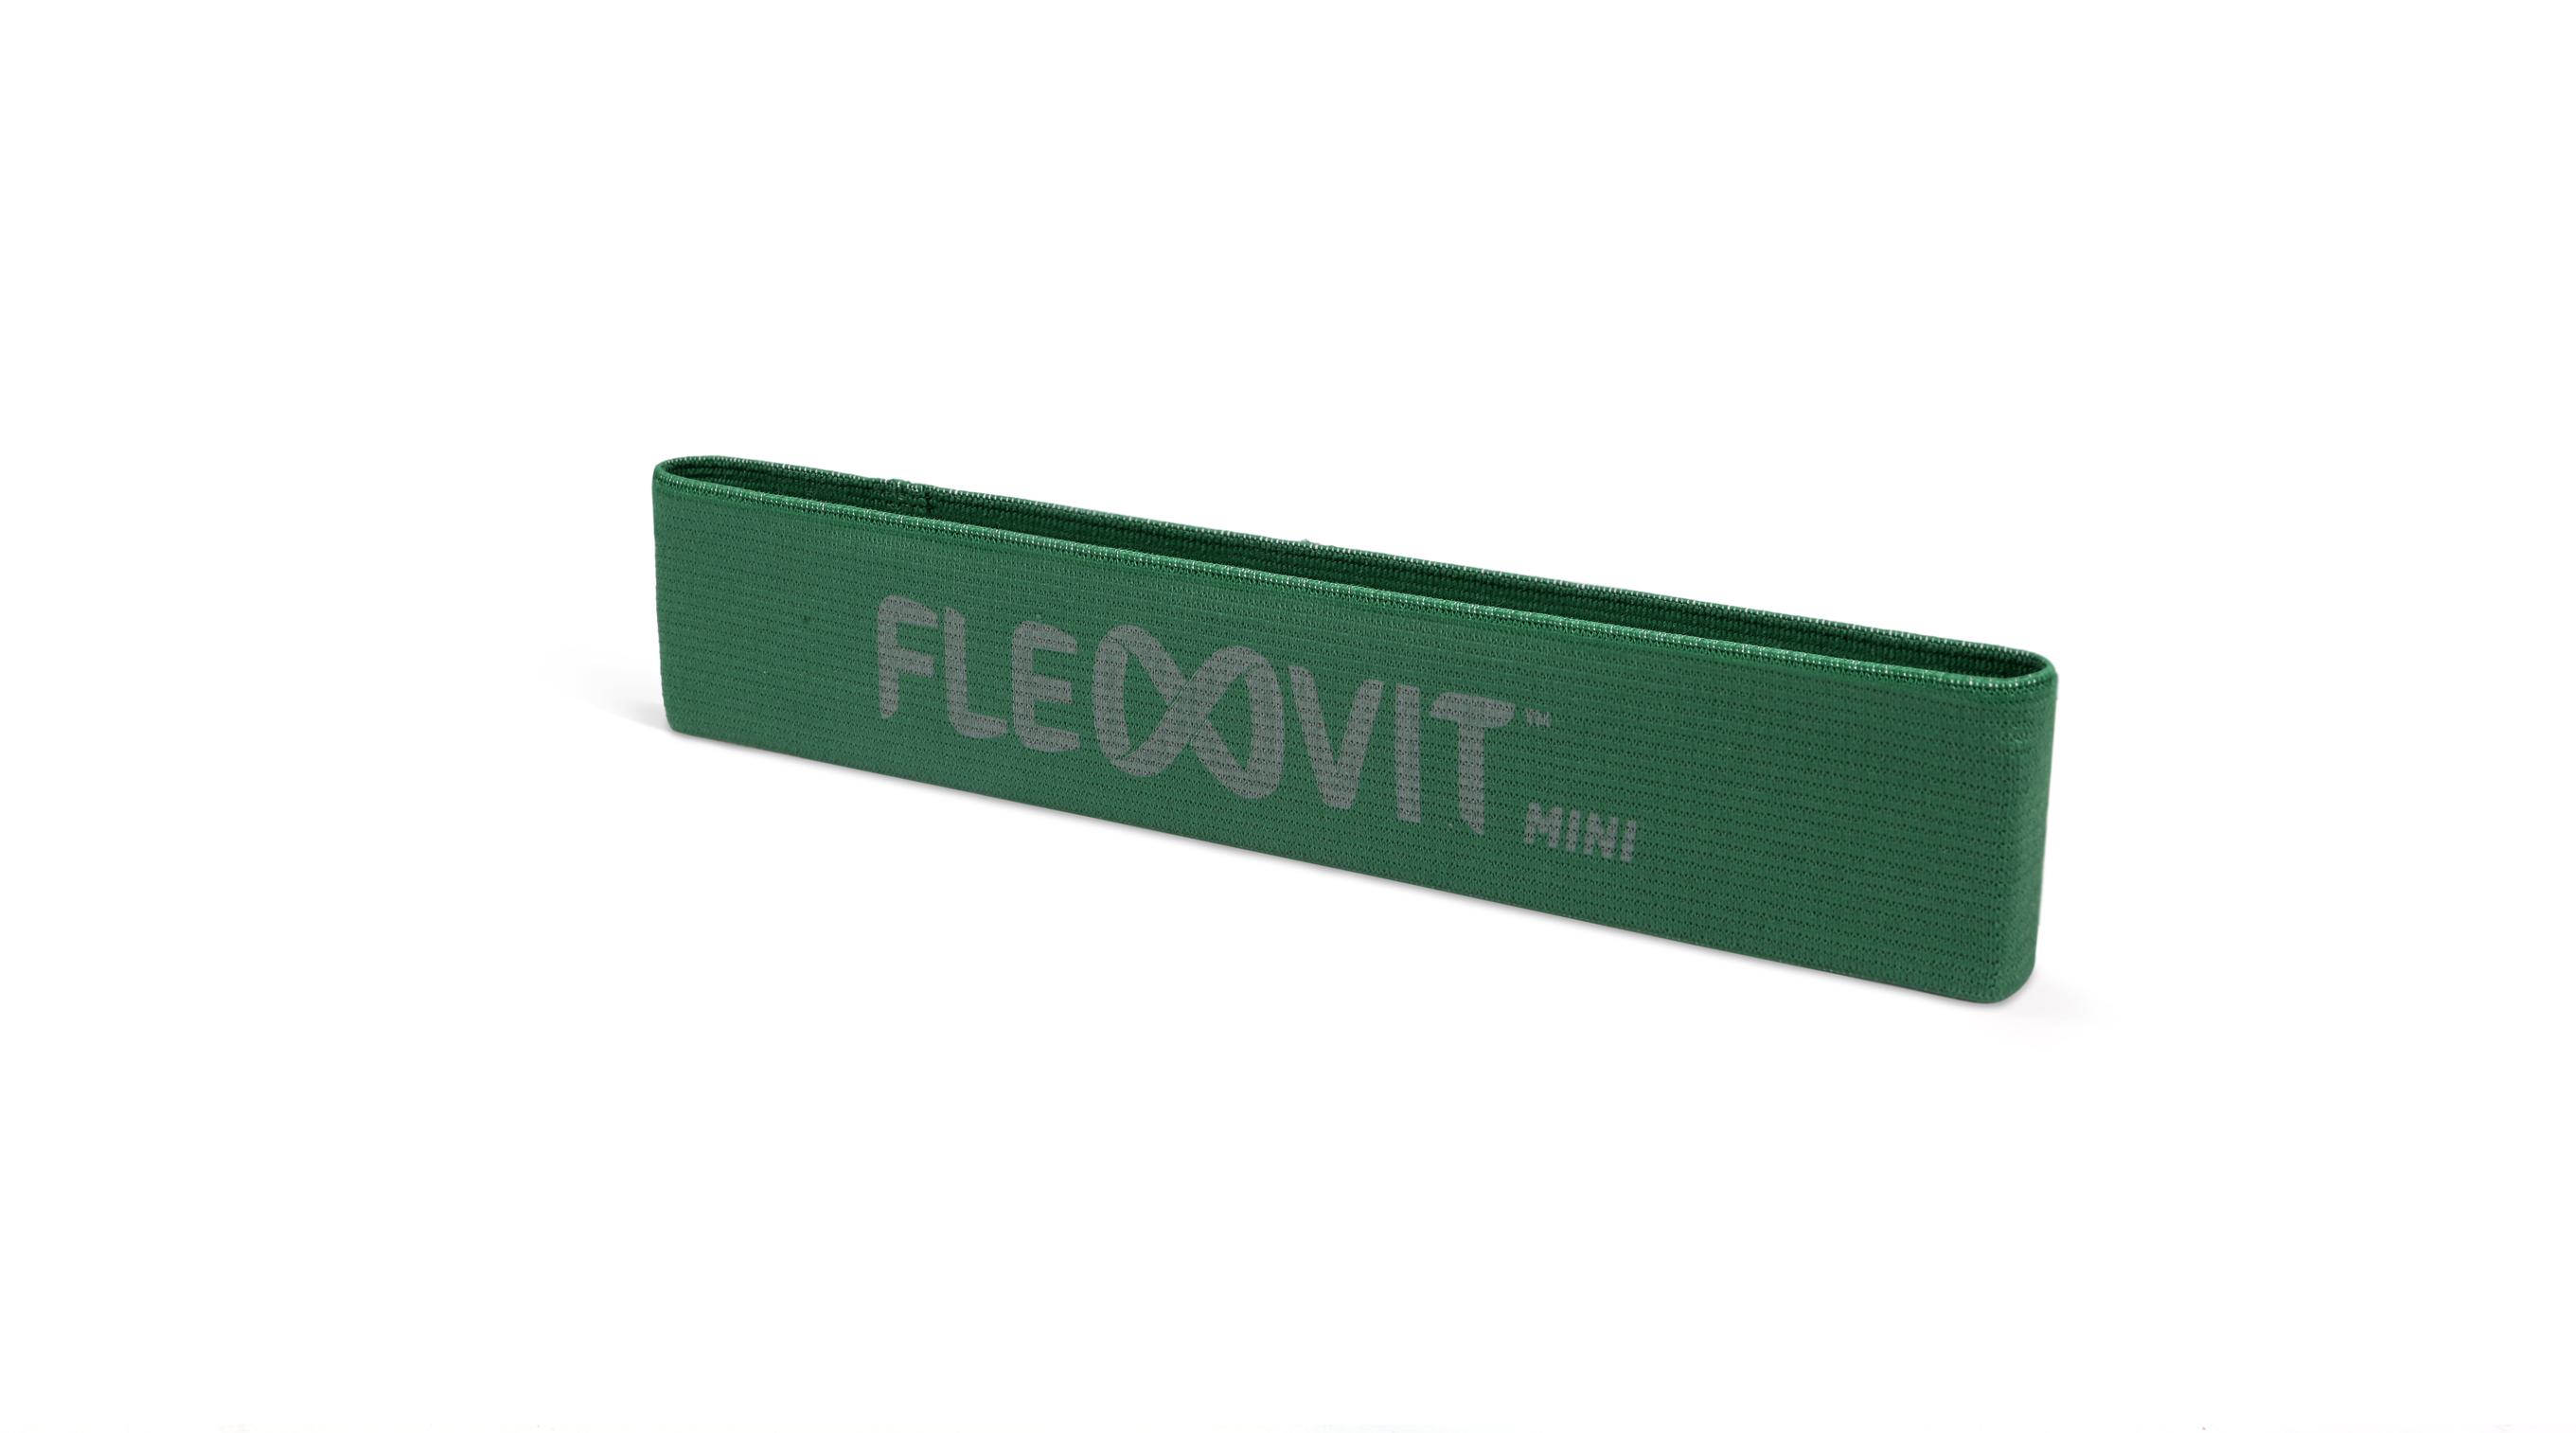 FLEXVIT Mini Band - athletic grün